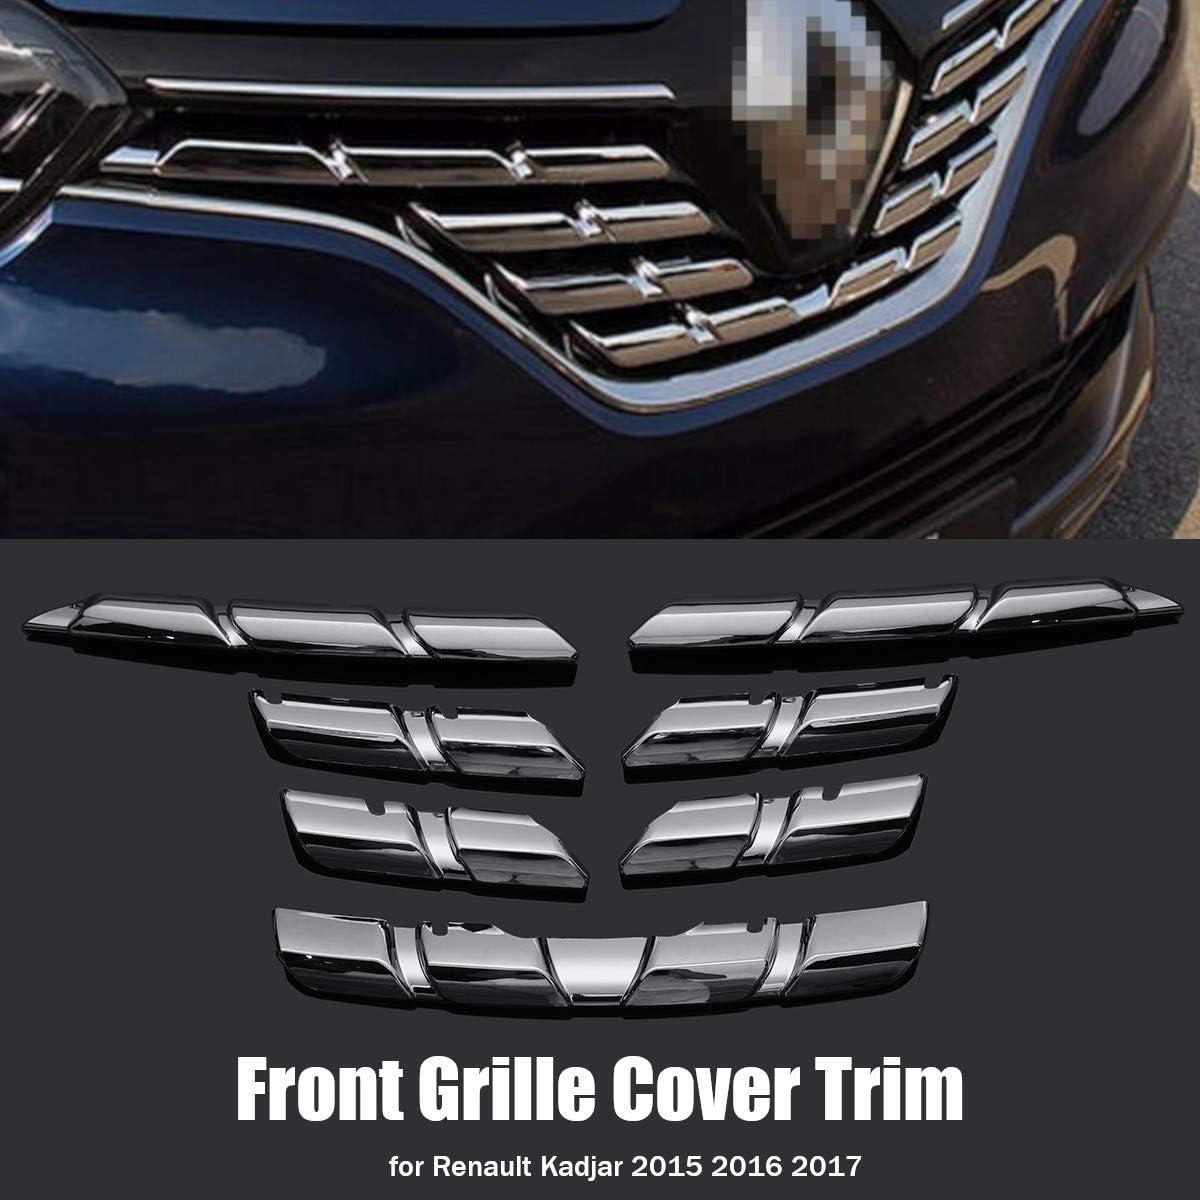 Sodial Auto Front Grill Abdeckung Zier Leiste Chrom Abs Protector Aufkleber Für Renault Kadjar 2015 2016 2017 Auto